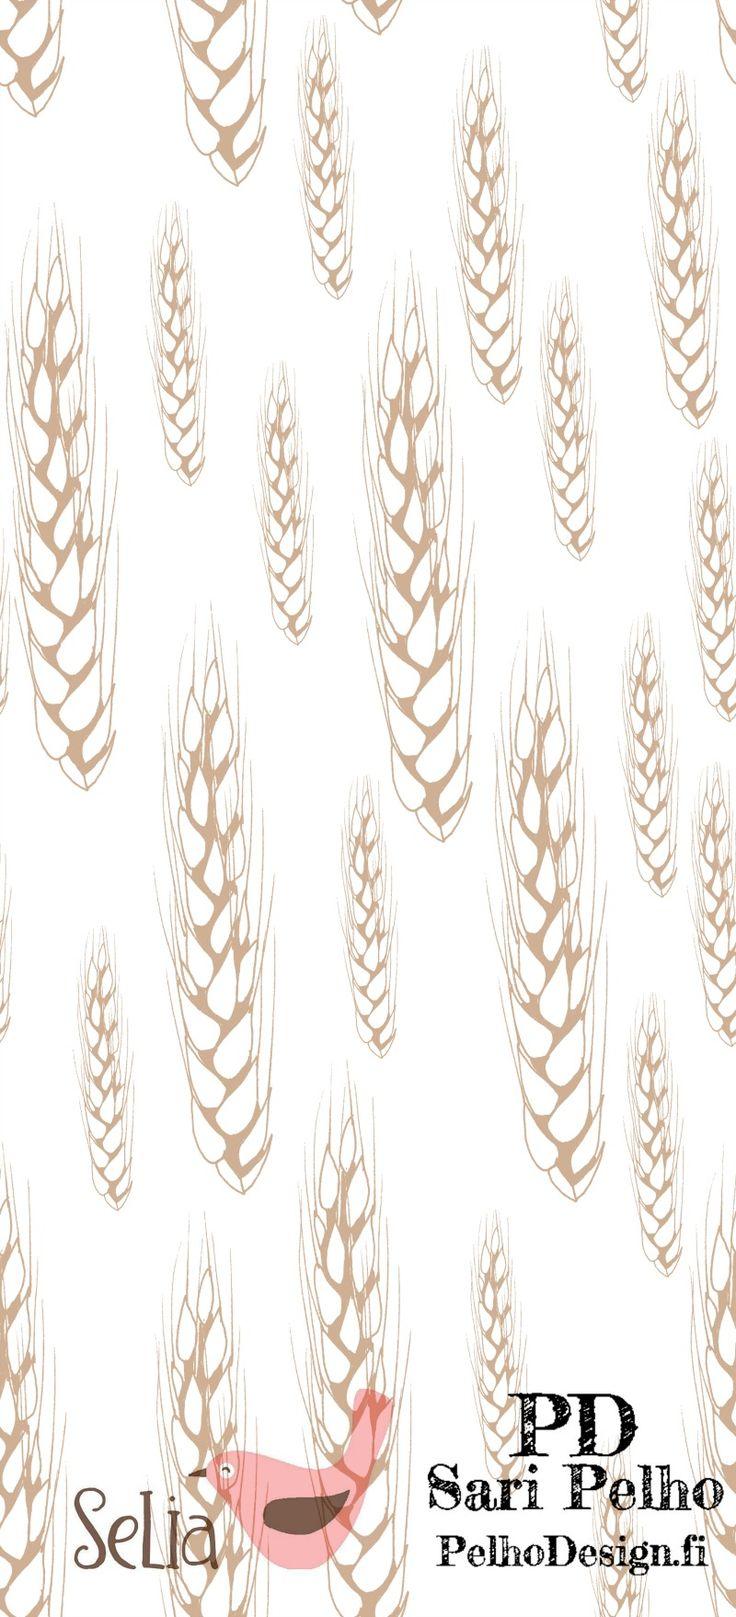 Tähkä Jersey. Isointähkä on 14 cm korkea. Valmistuttaja: Selia, kuosin suunnitellut Sari Pelho /PelhoDesign Neliöpaino: 200g / m2 Leveys: n. 165 cm Materiaalitiedot: 95 % puuvillaa (öko-tex 100), 5 % lycra Pesu: 40 asteessa nurin käännettynä samanväristen kanssa/erillään. Kutistuvuus: 1 – 5%. Valmistettu euroopassa. Kankaat myydään 0,1m tarkkuudella eli ostaessasi kangasta esim. 0,5m lisää ostoskoriin...